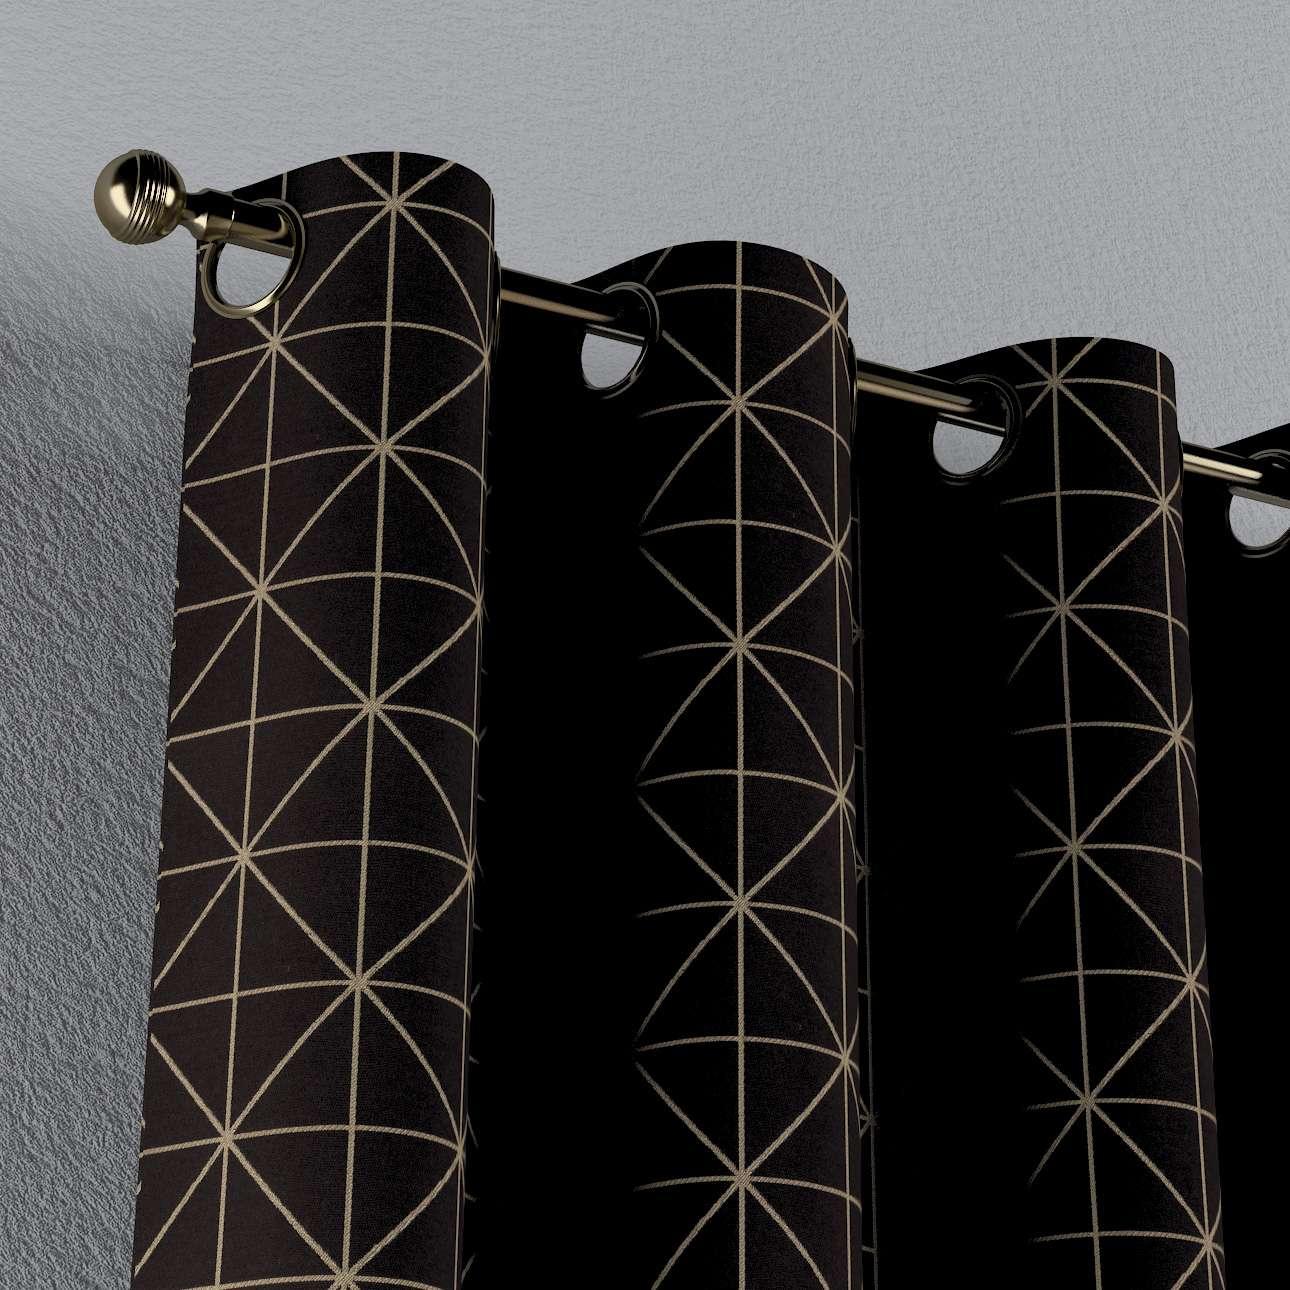 Zasłona na kółkach 1 szt. w kolekcji Black & White, tkanina: 142-55